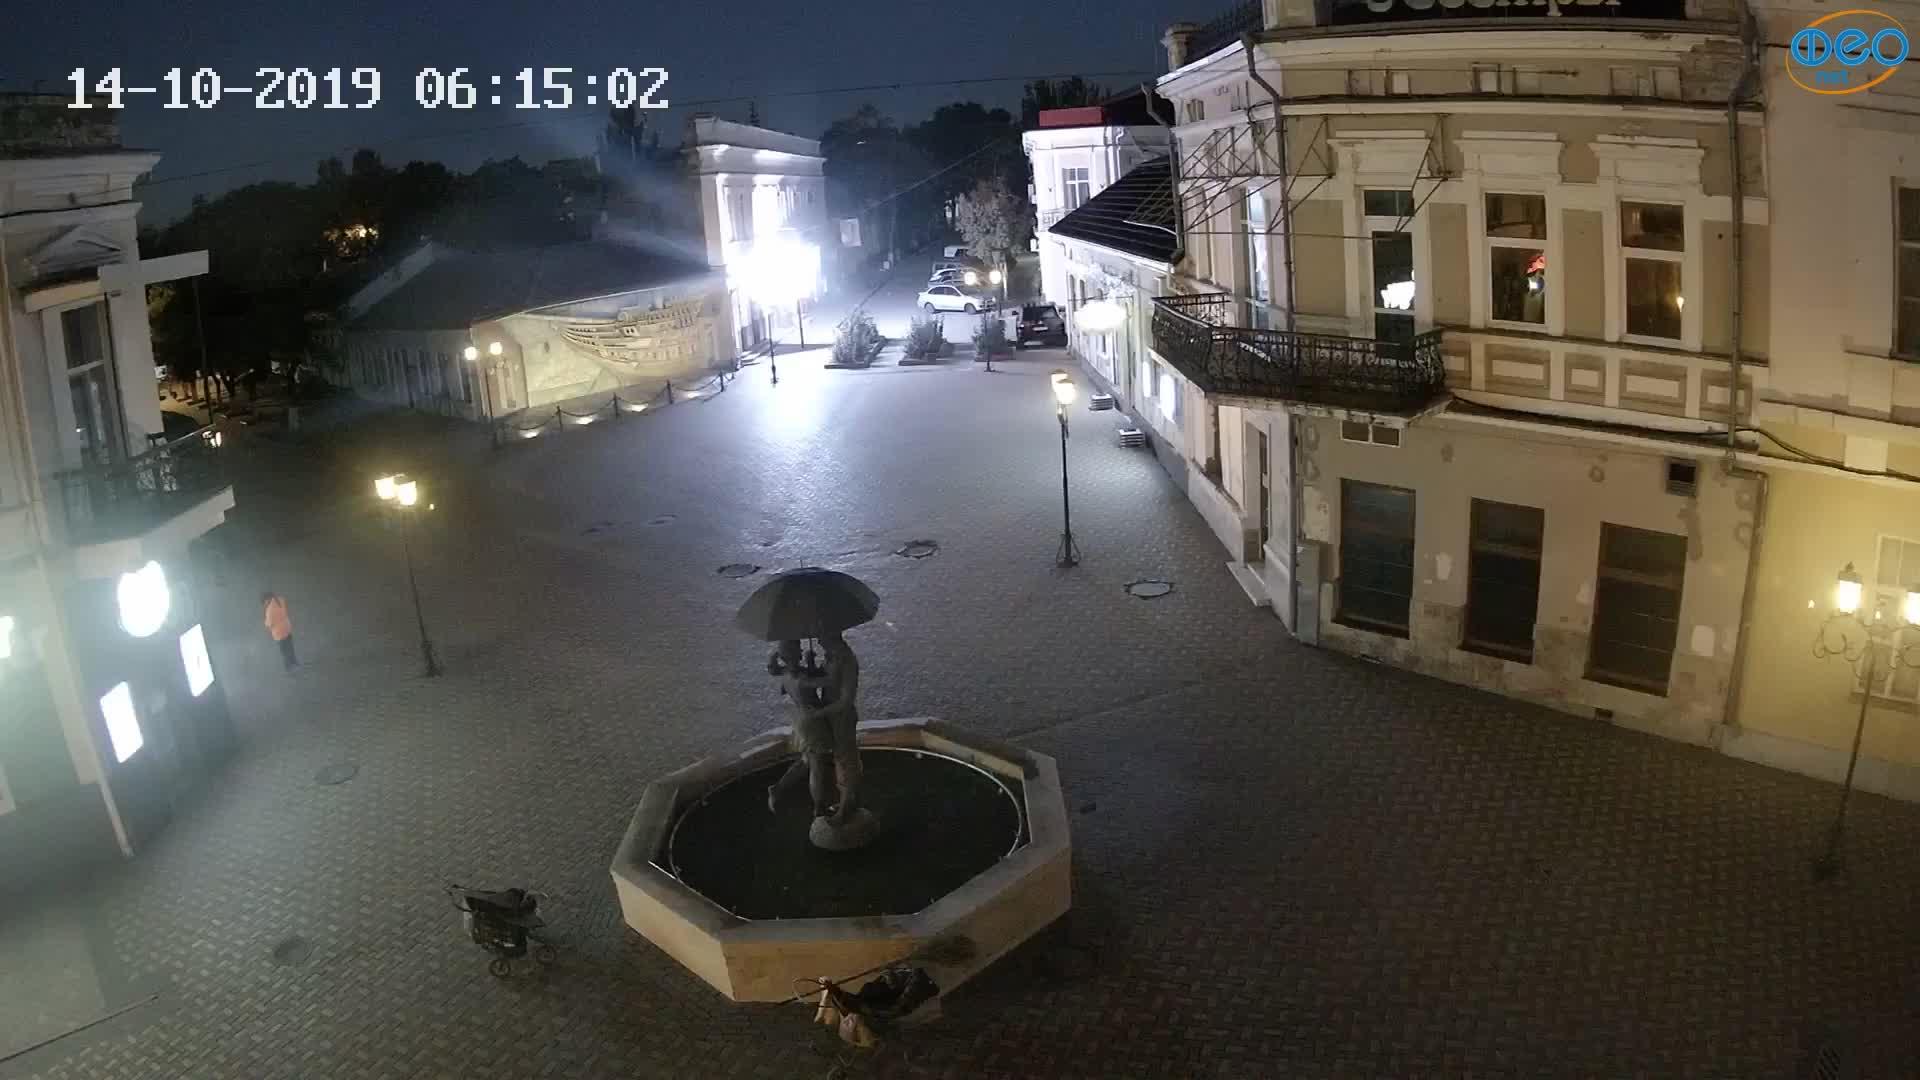 Веб-камеры Феодосии, Панно Бригантина (Камера со звуком.), 2019-10-14 06:23:06